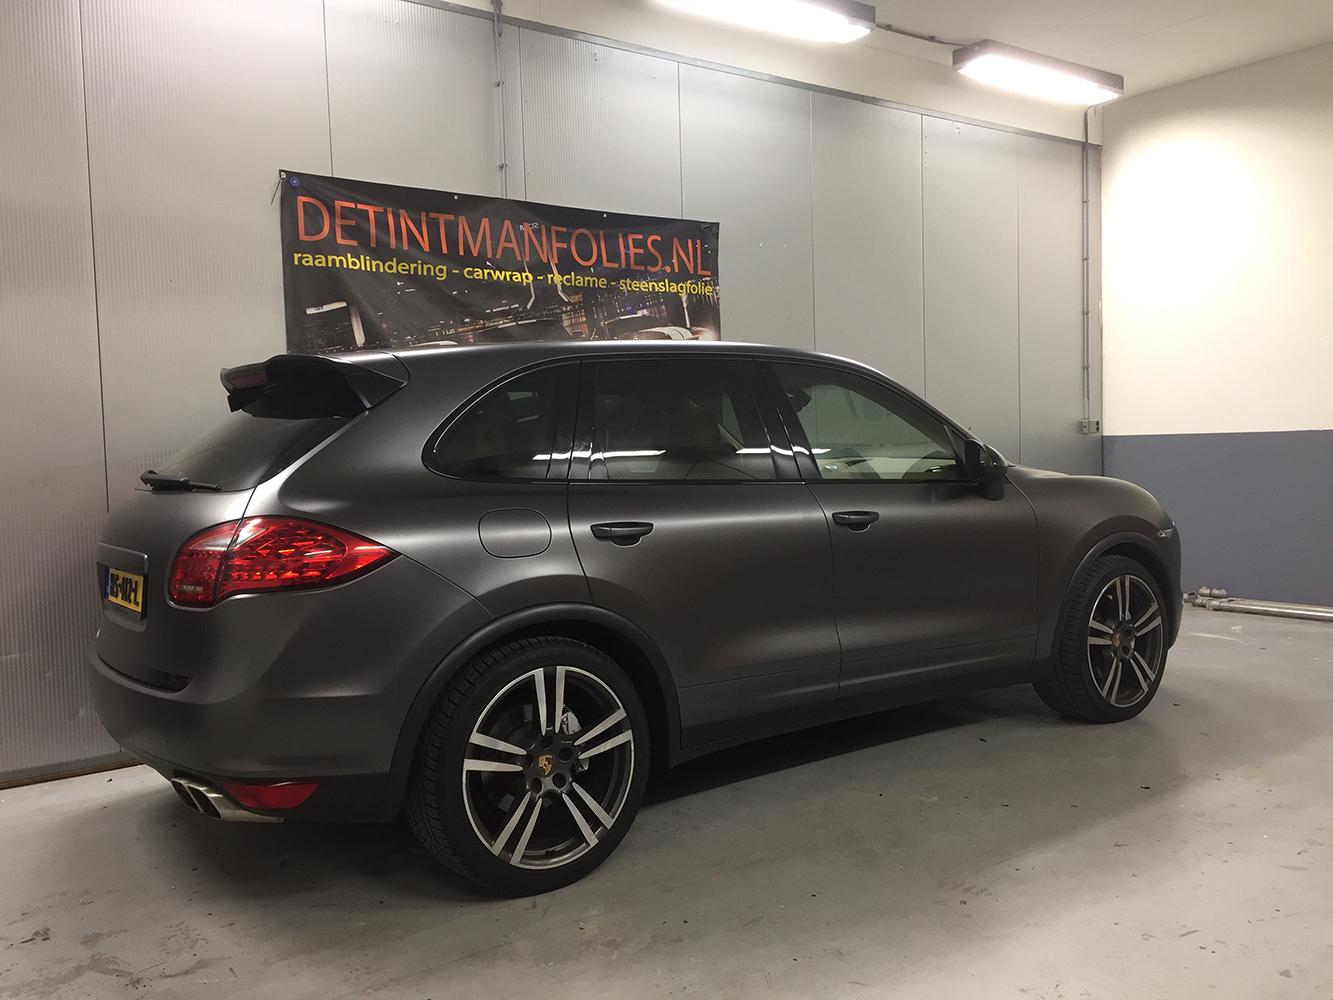 Porsche Cayenne carwrap naar kleur Satin Dark Grey na 2